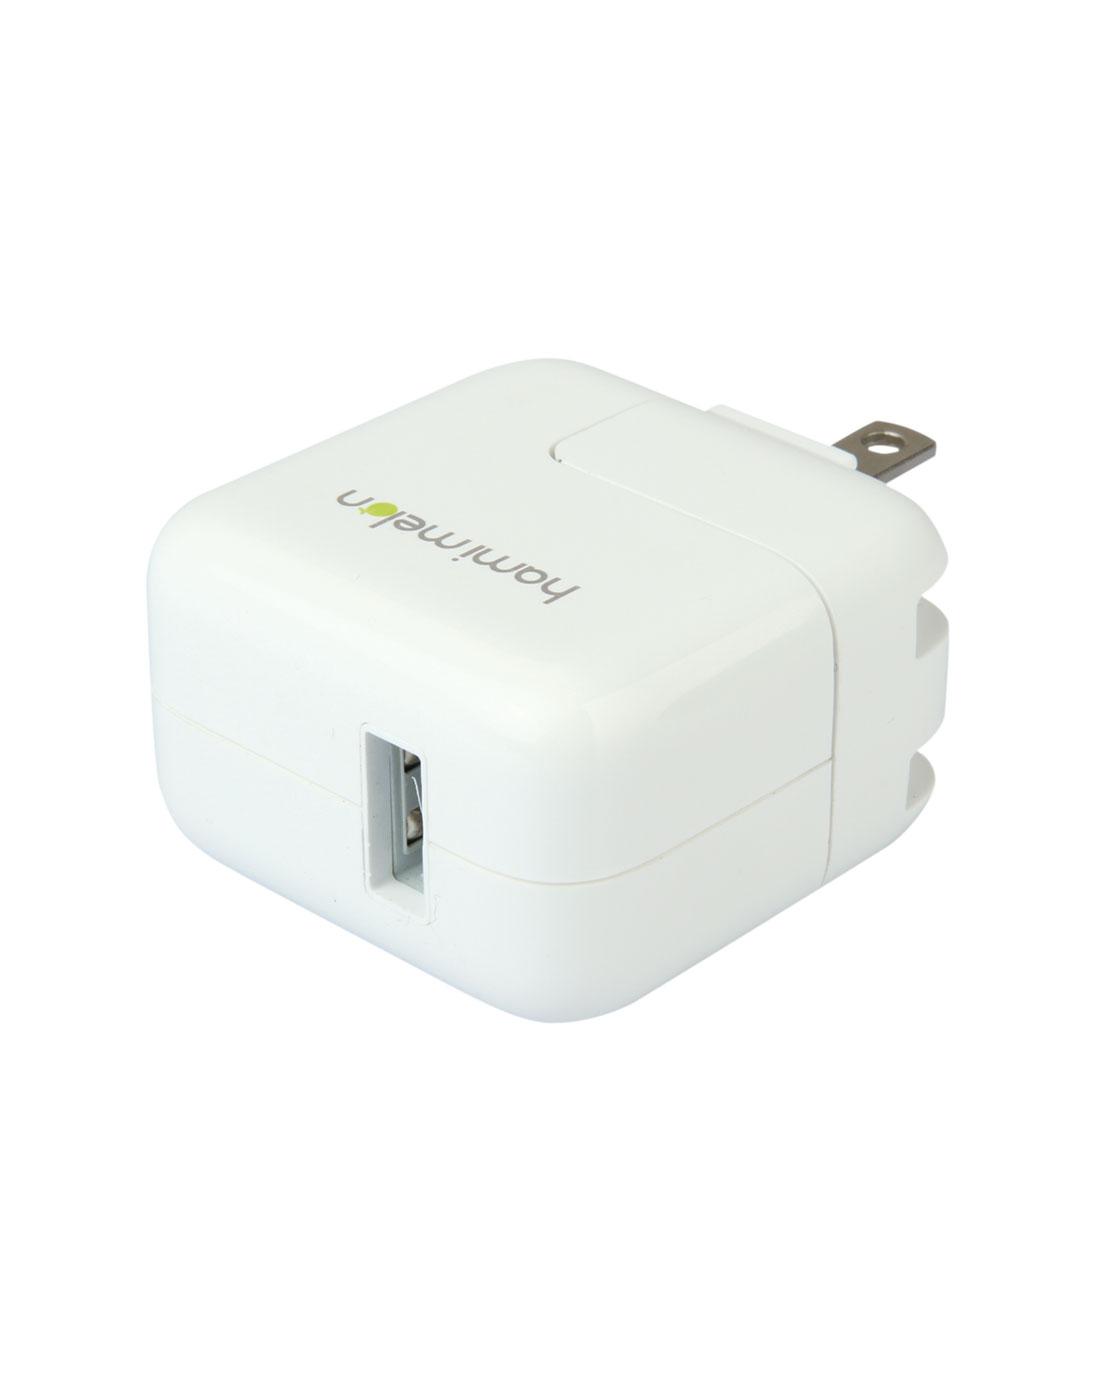 哈蜜瓜 ipad12w通用白色电源适配充电器(家用/便携/旅行充电器)